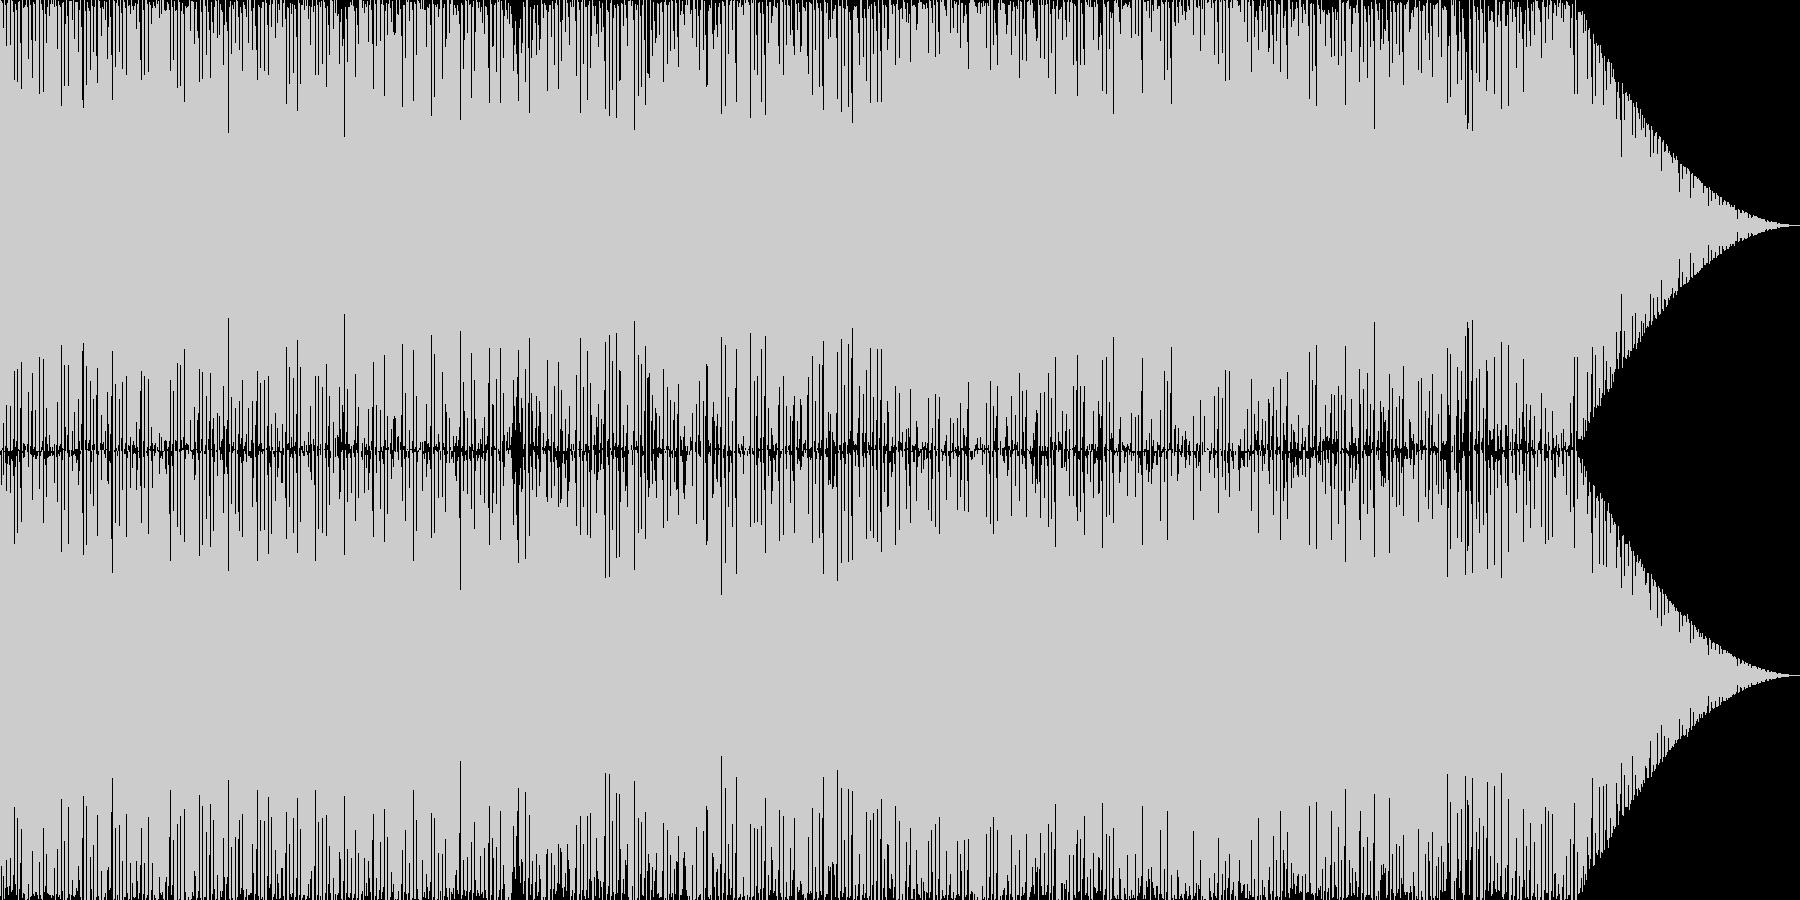 カガヤキ空間 【幻想キラキラ音楽】の未再生の波形